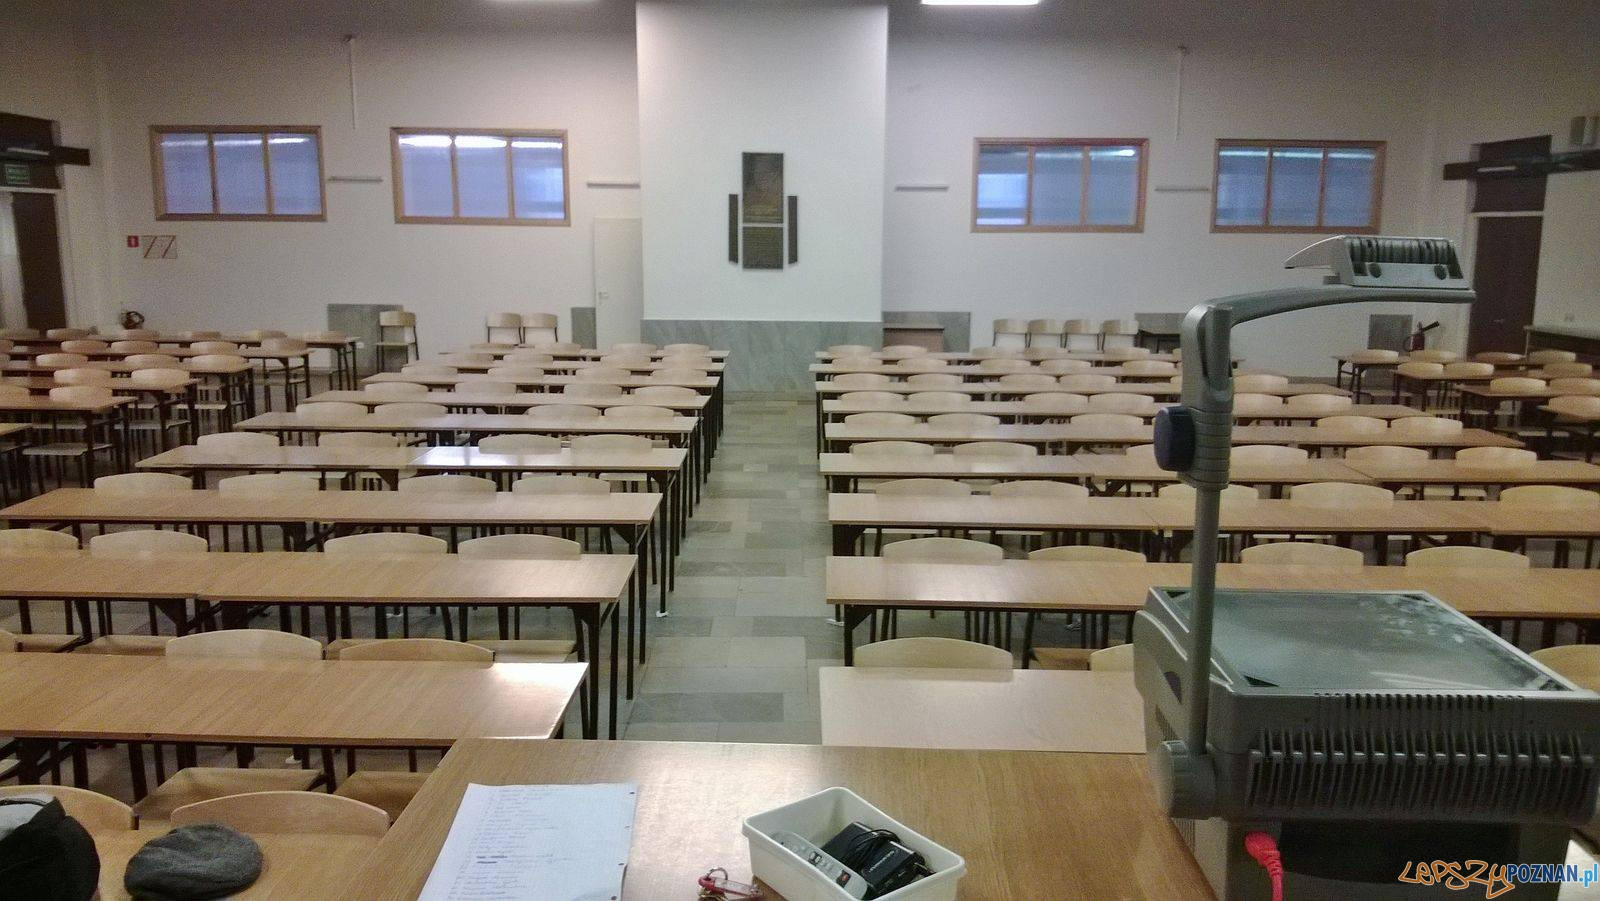 Szkoła  Foto: lepszyPOZNAN / TD